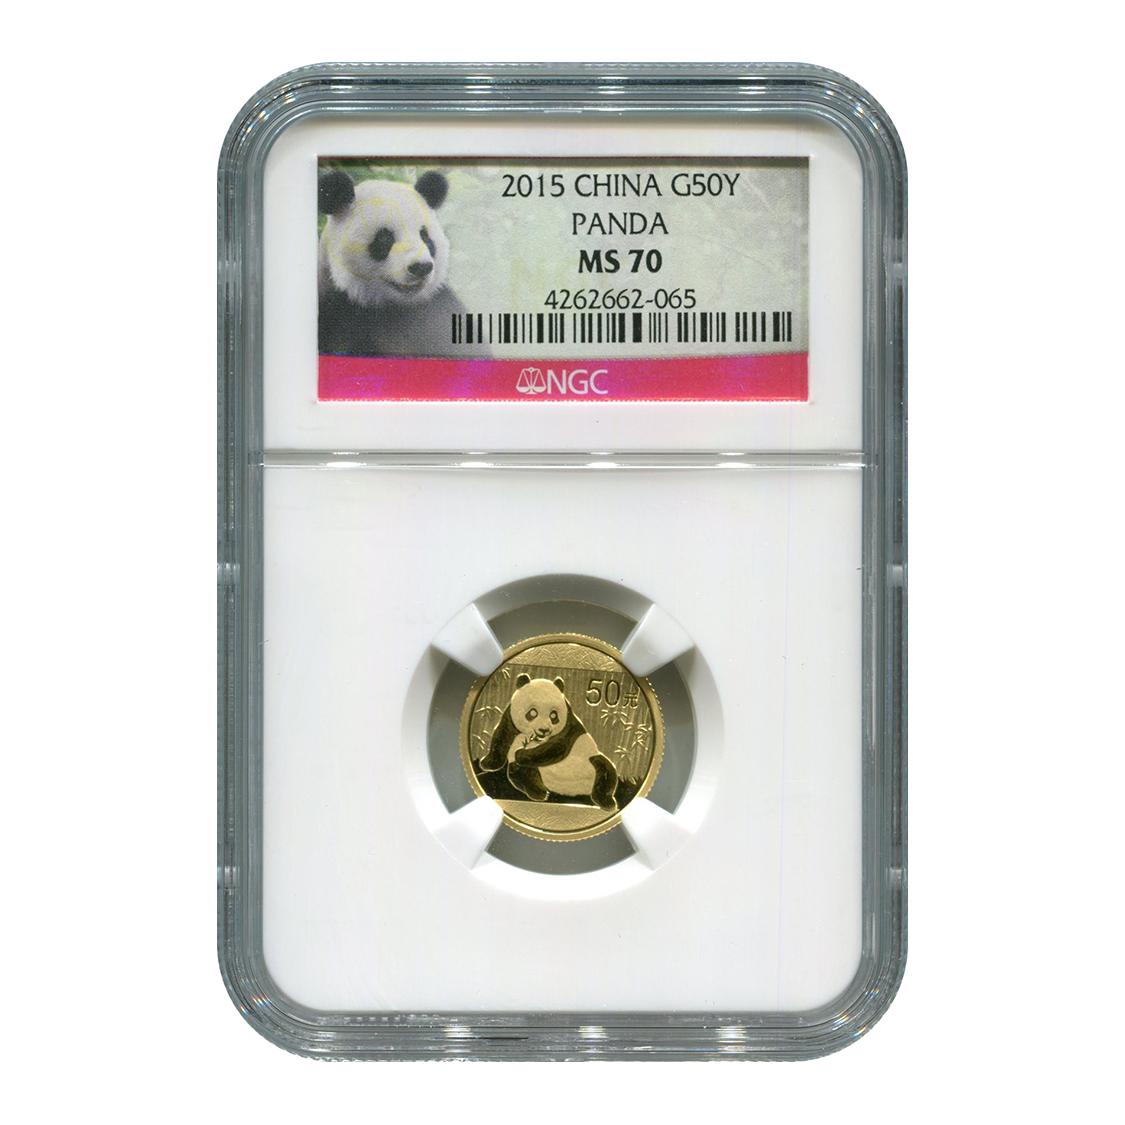 Certified Tenth Ounce Chinese Gold Panda 2015 50 Yuan MS70 NGC